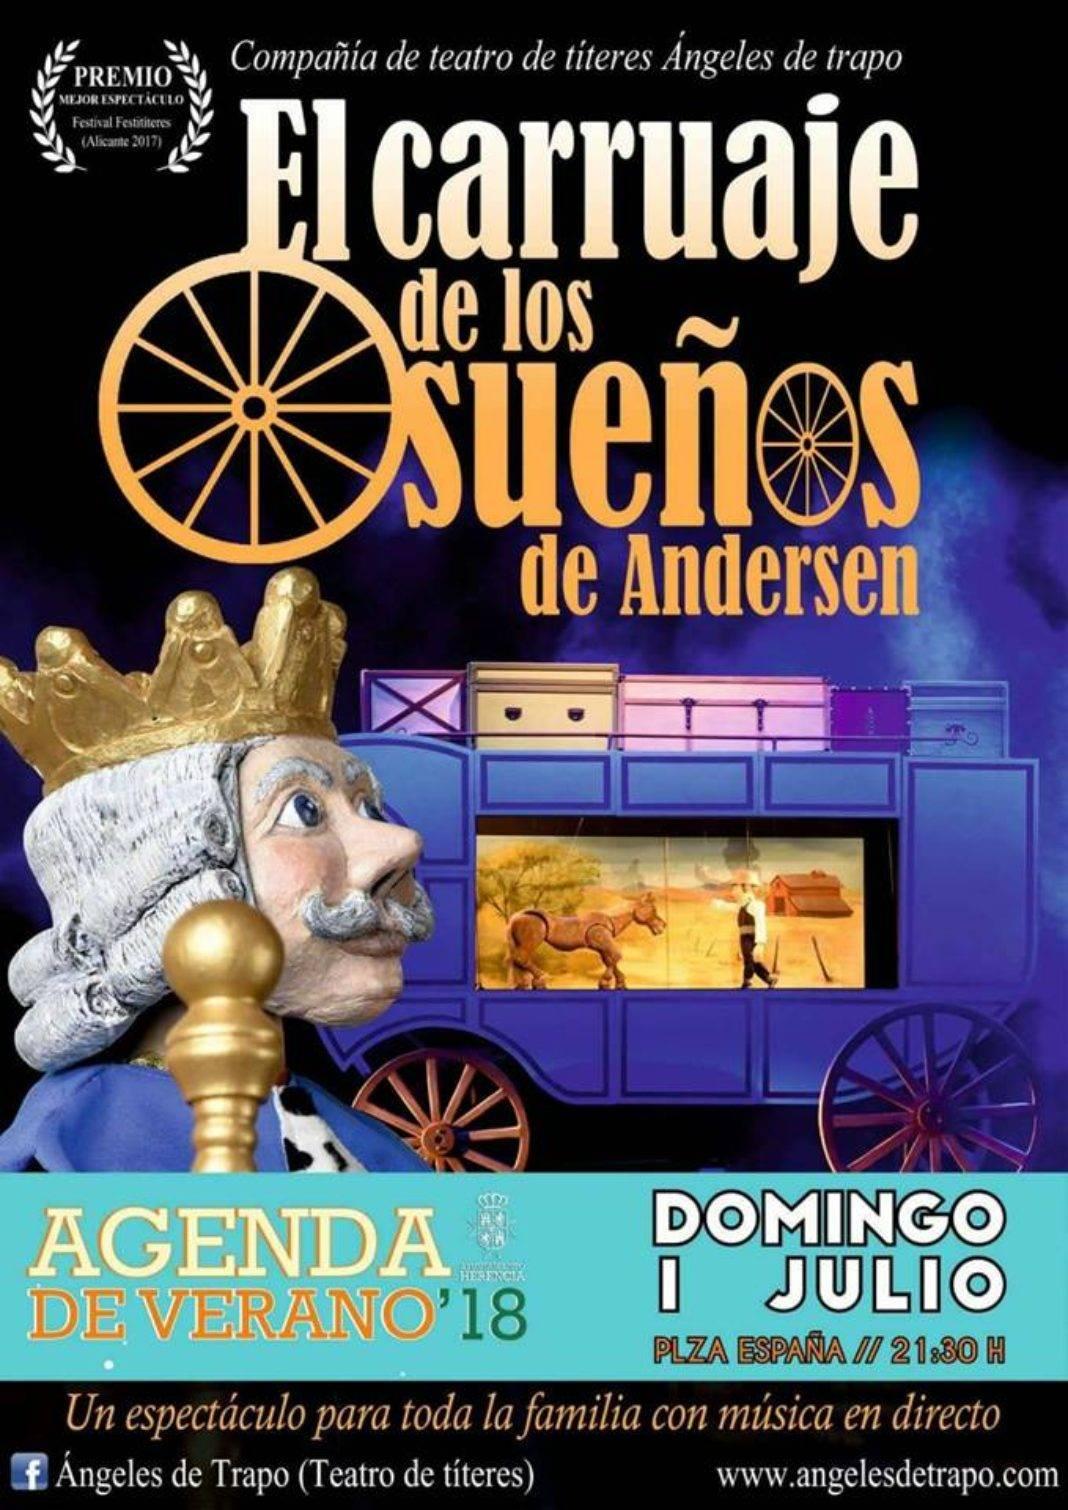 """El carruaje de los sueños de Andersen 1068x1510 - Los títeres de """"Elcarruaje de los sueños de Andersen"""" llegan a Herencia"""